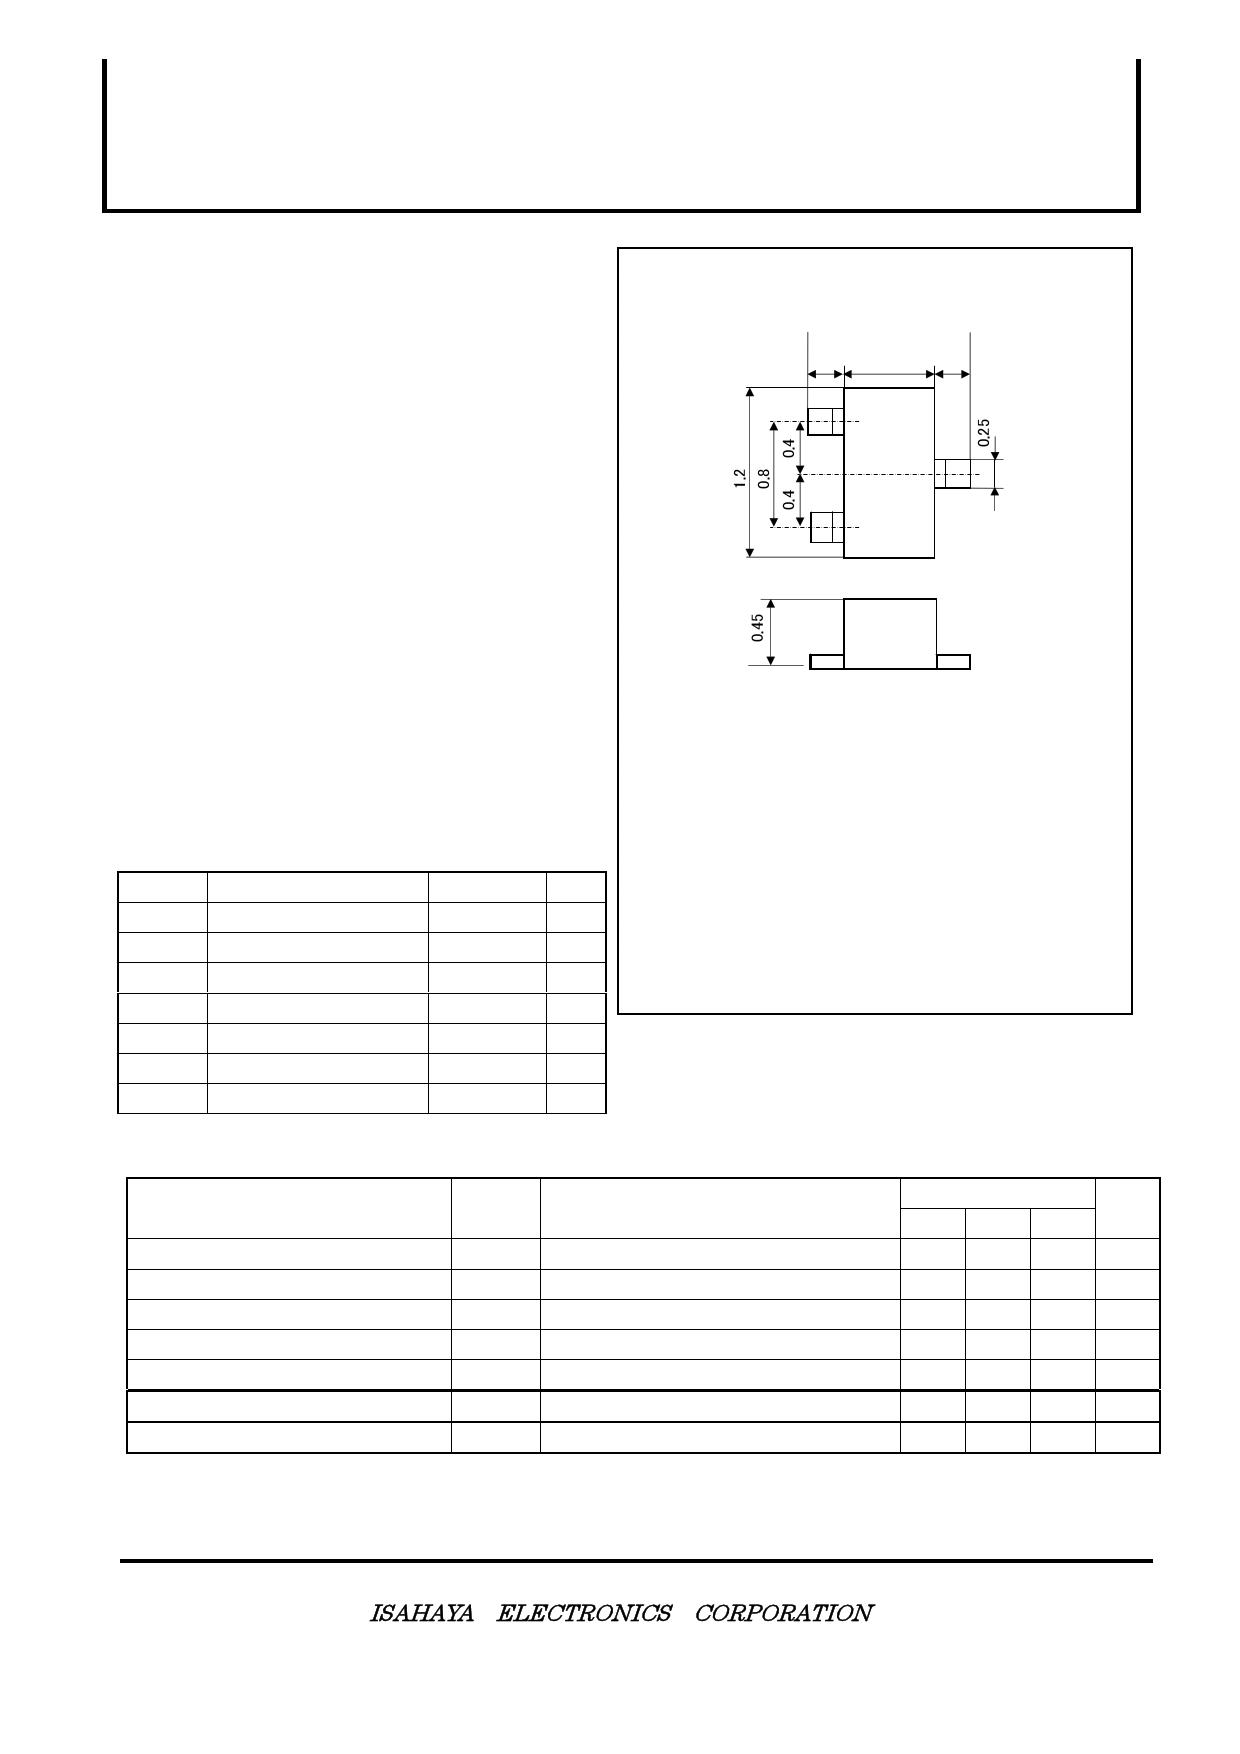 2SC5883 datasheet, circuit